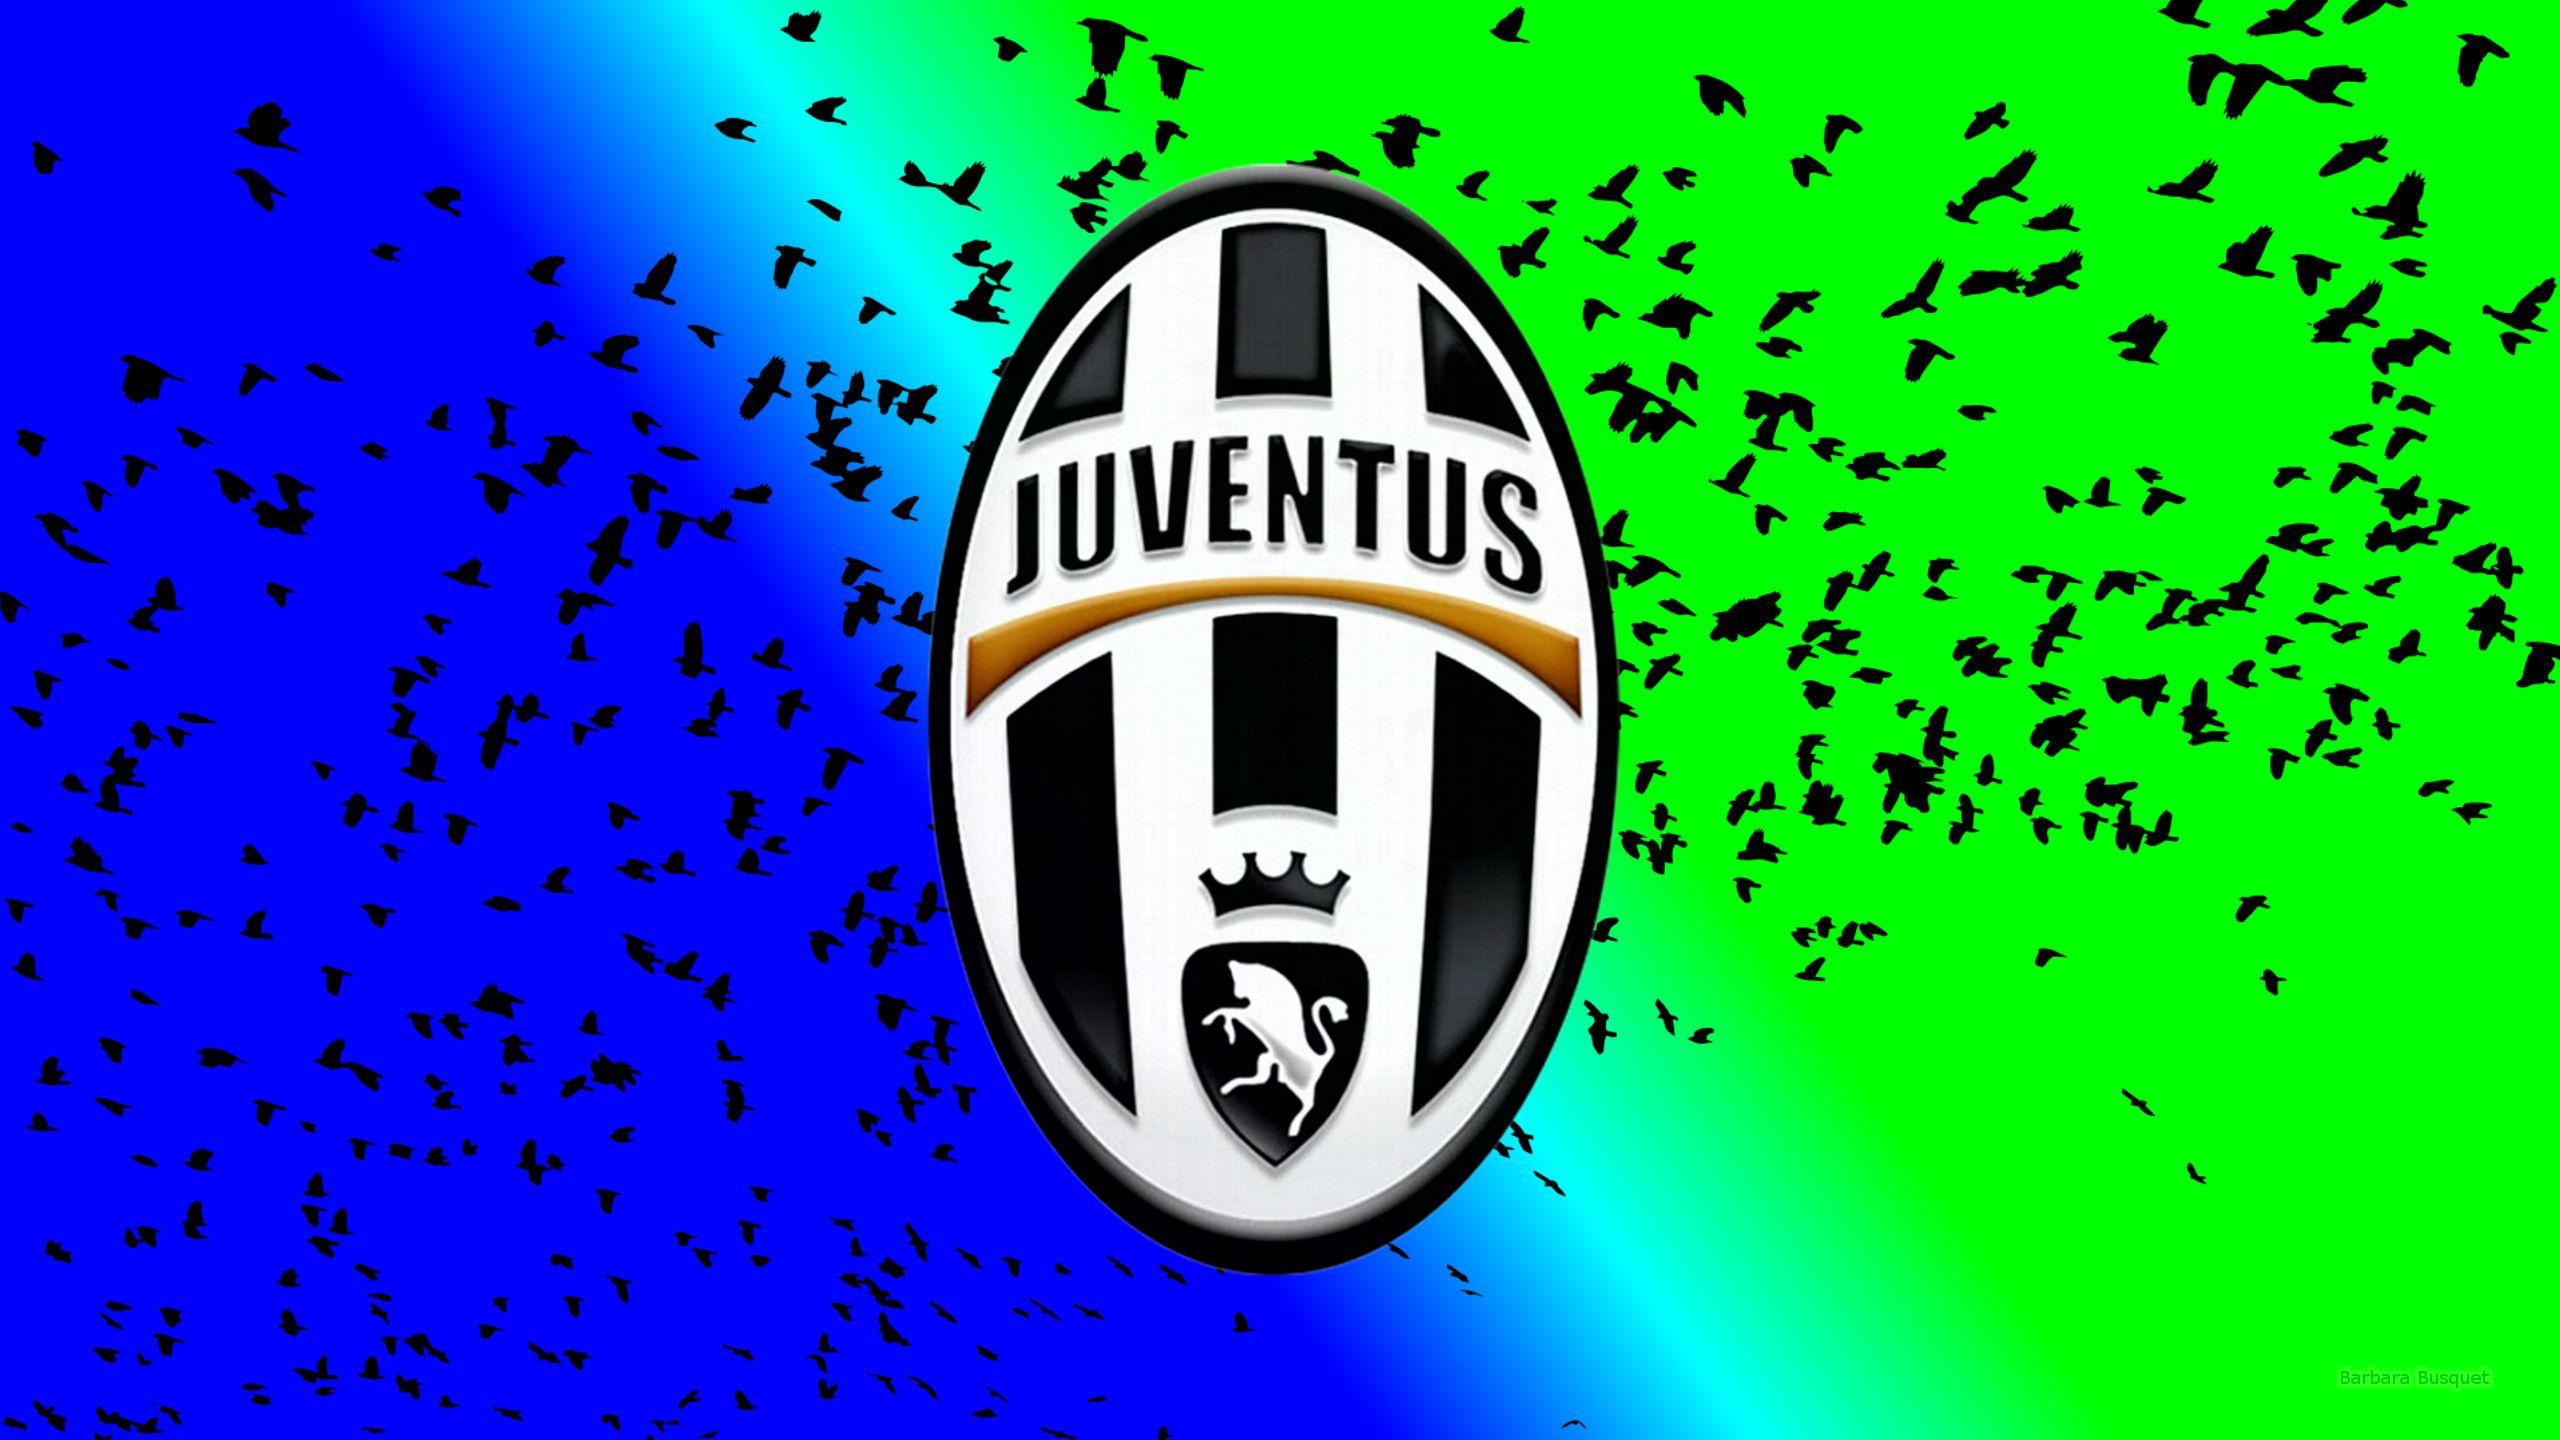 Juventus Football Club Wallpaper Avec Images Juventus